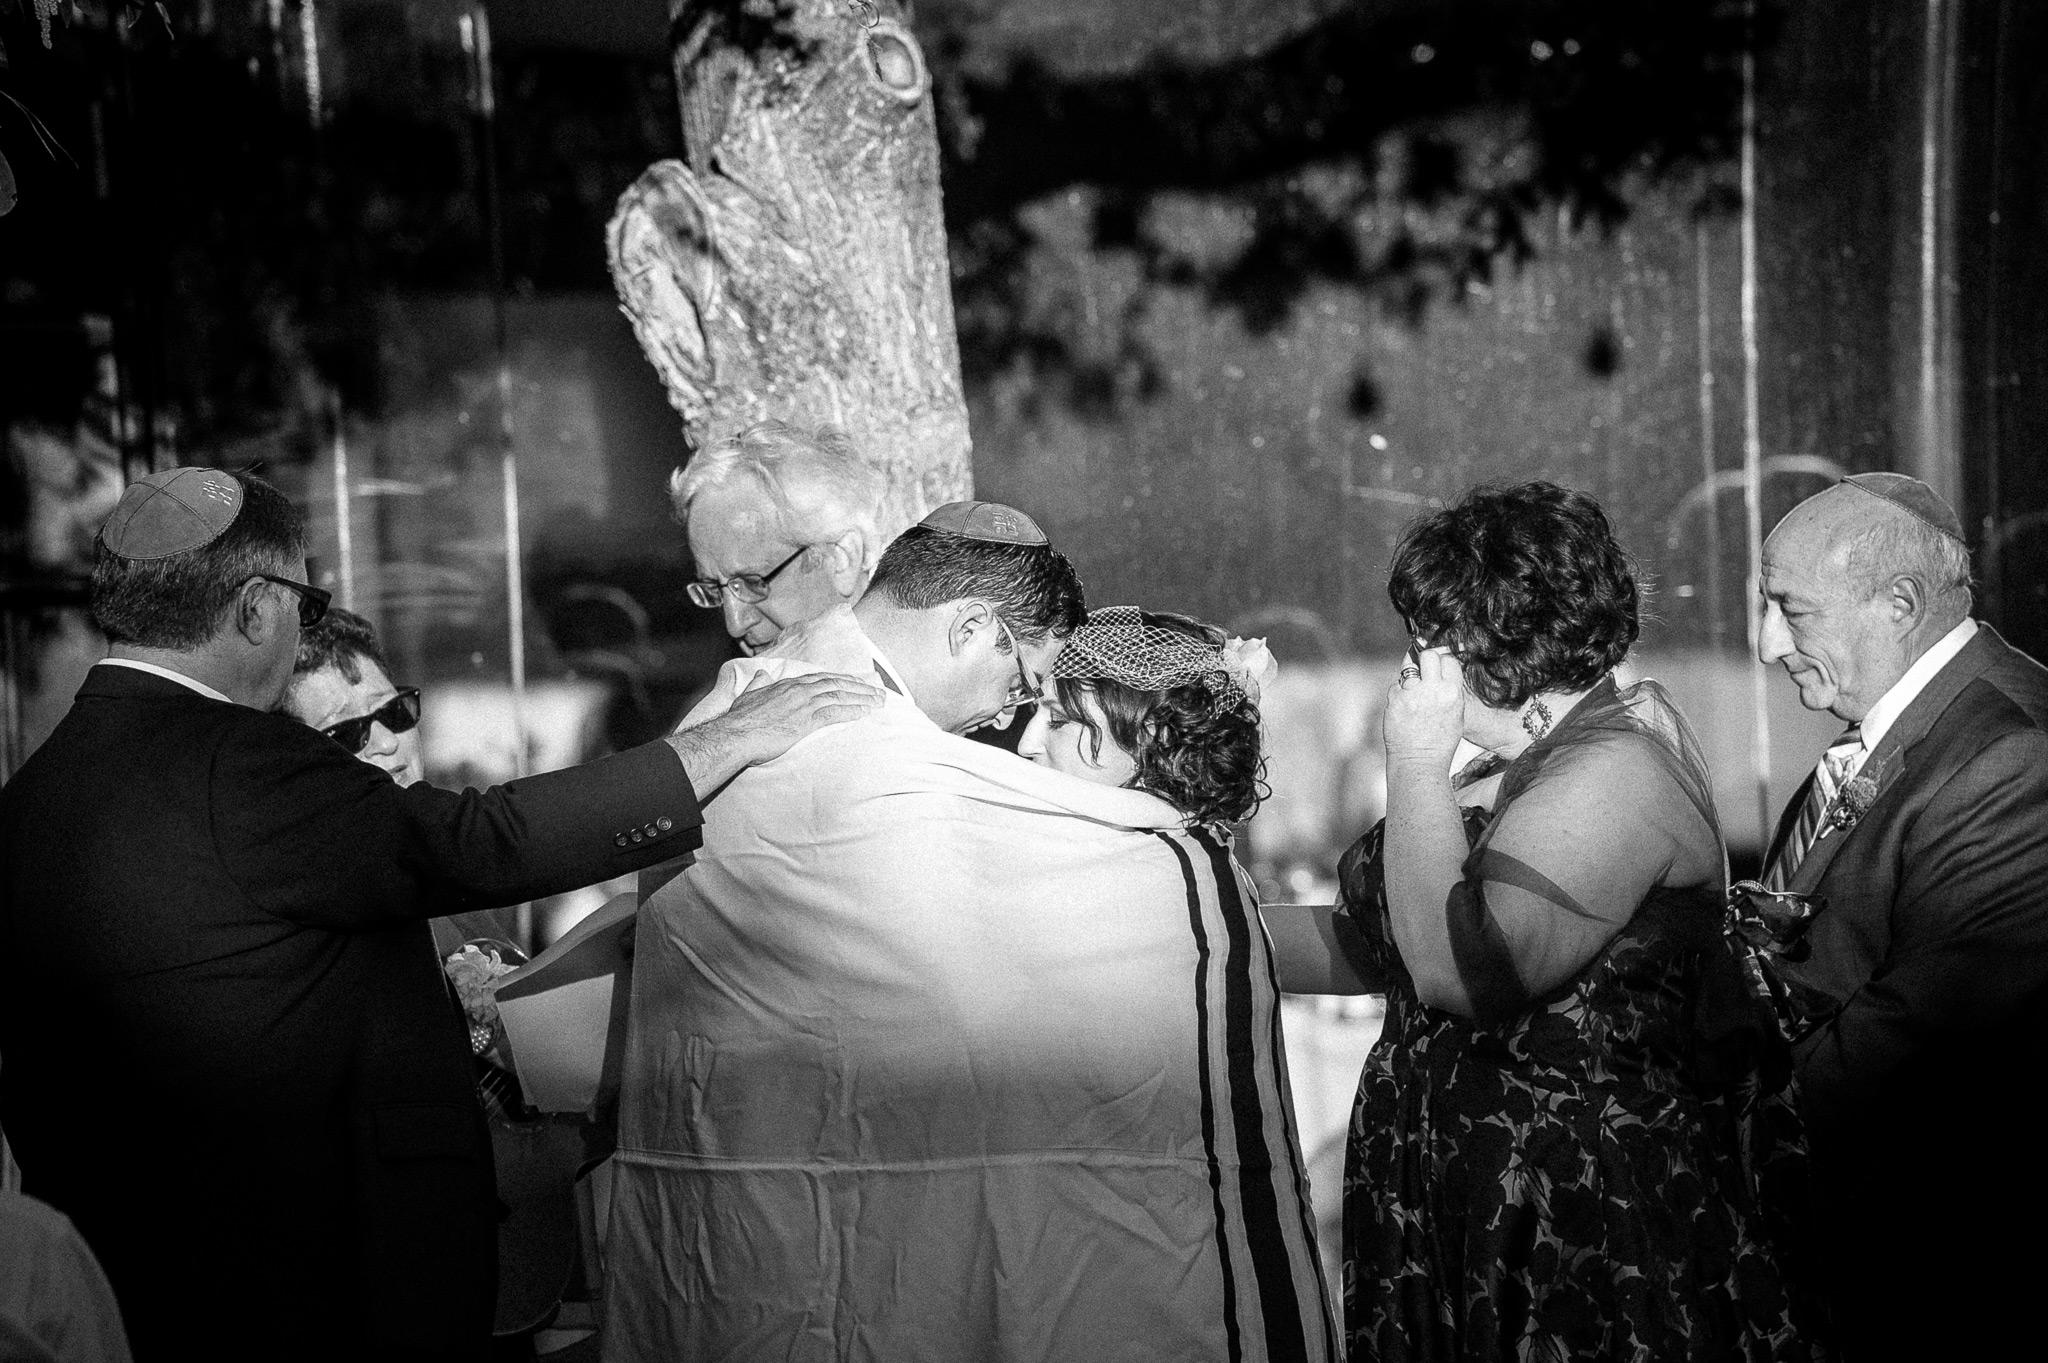 rachael-and-gideon-get-married-101115_9782_dkzak.jpg